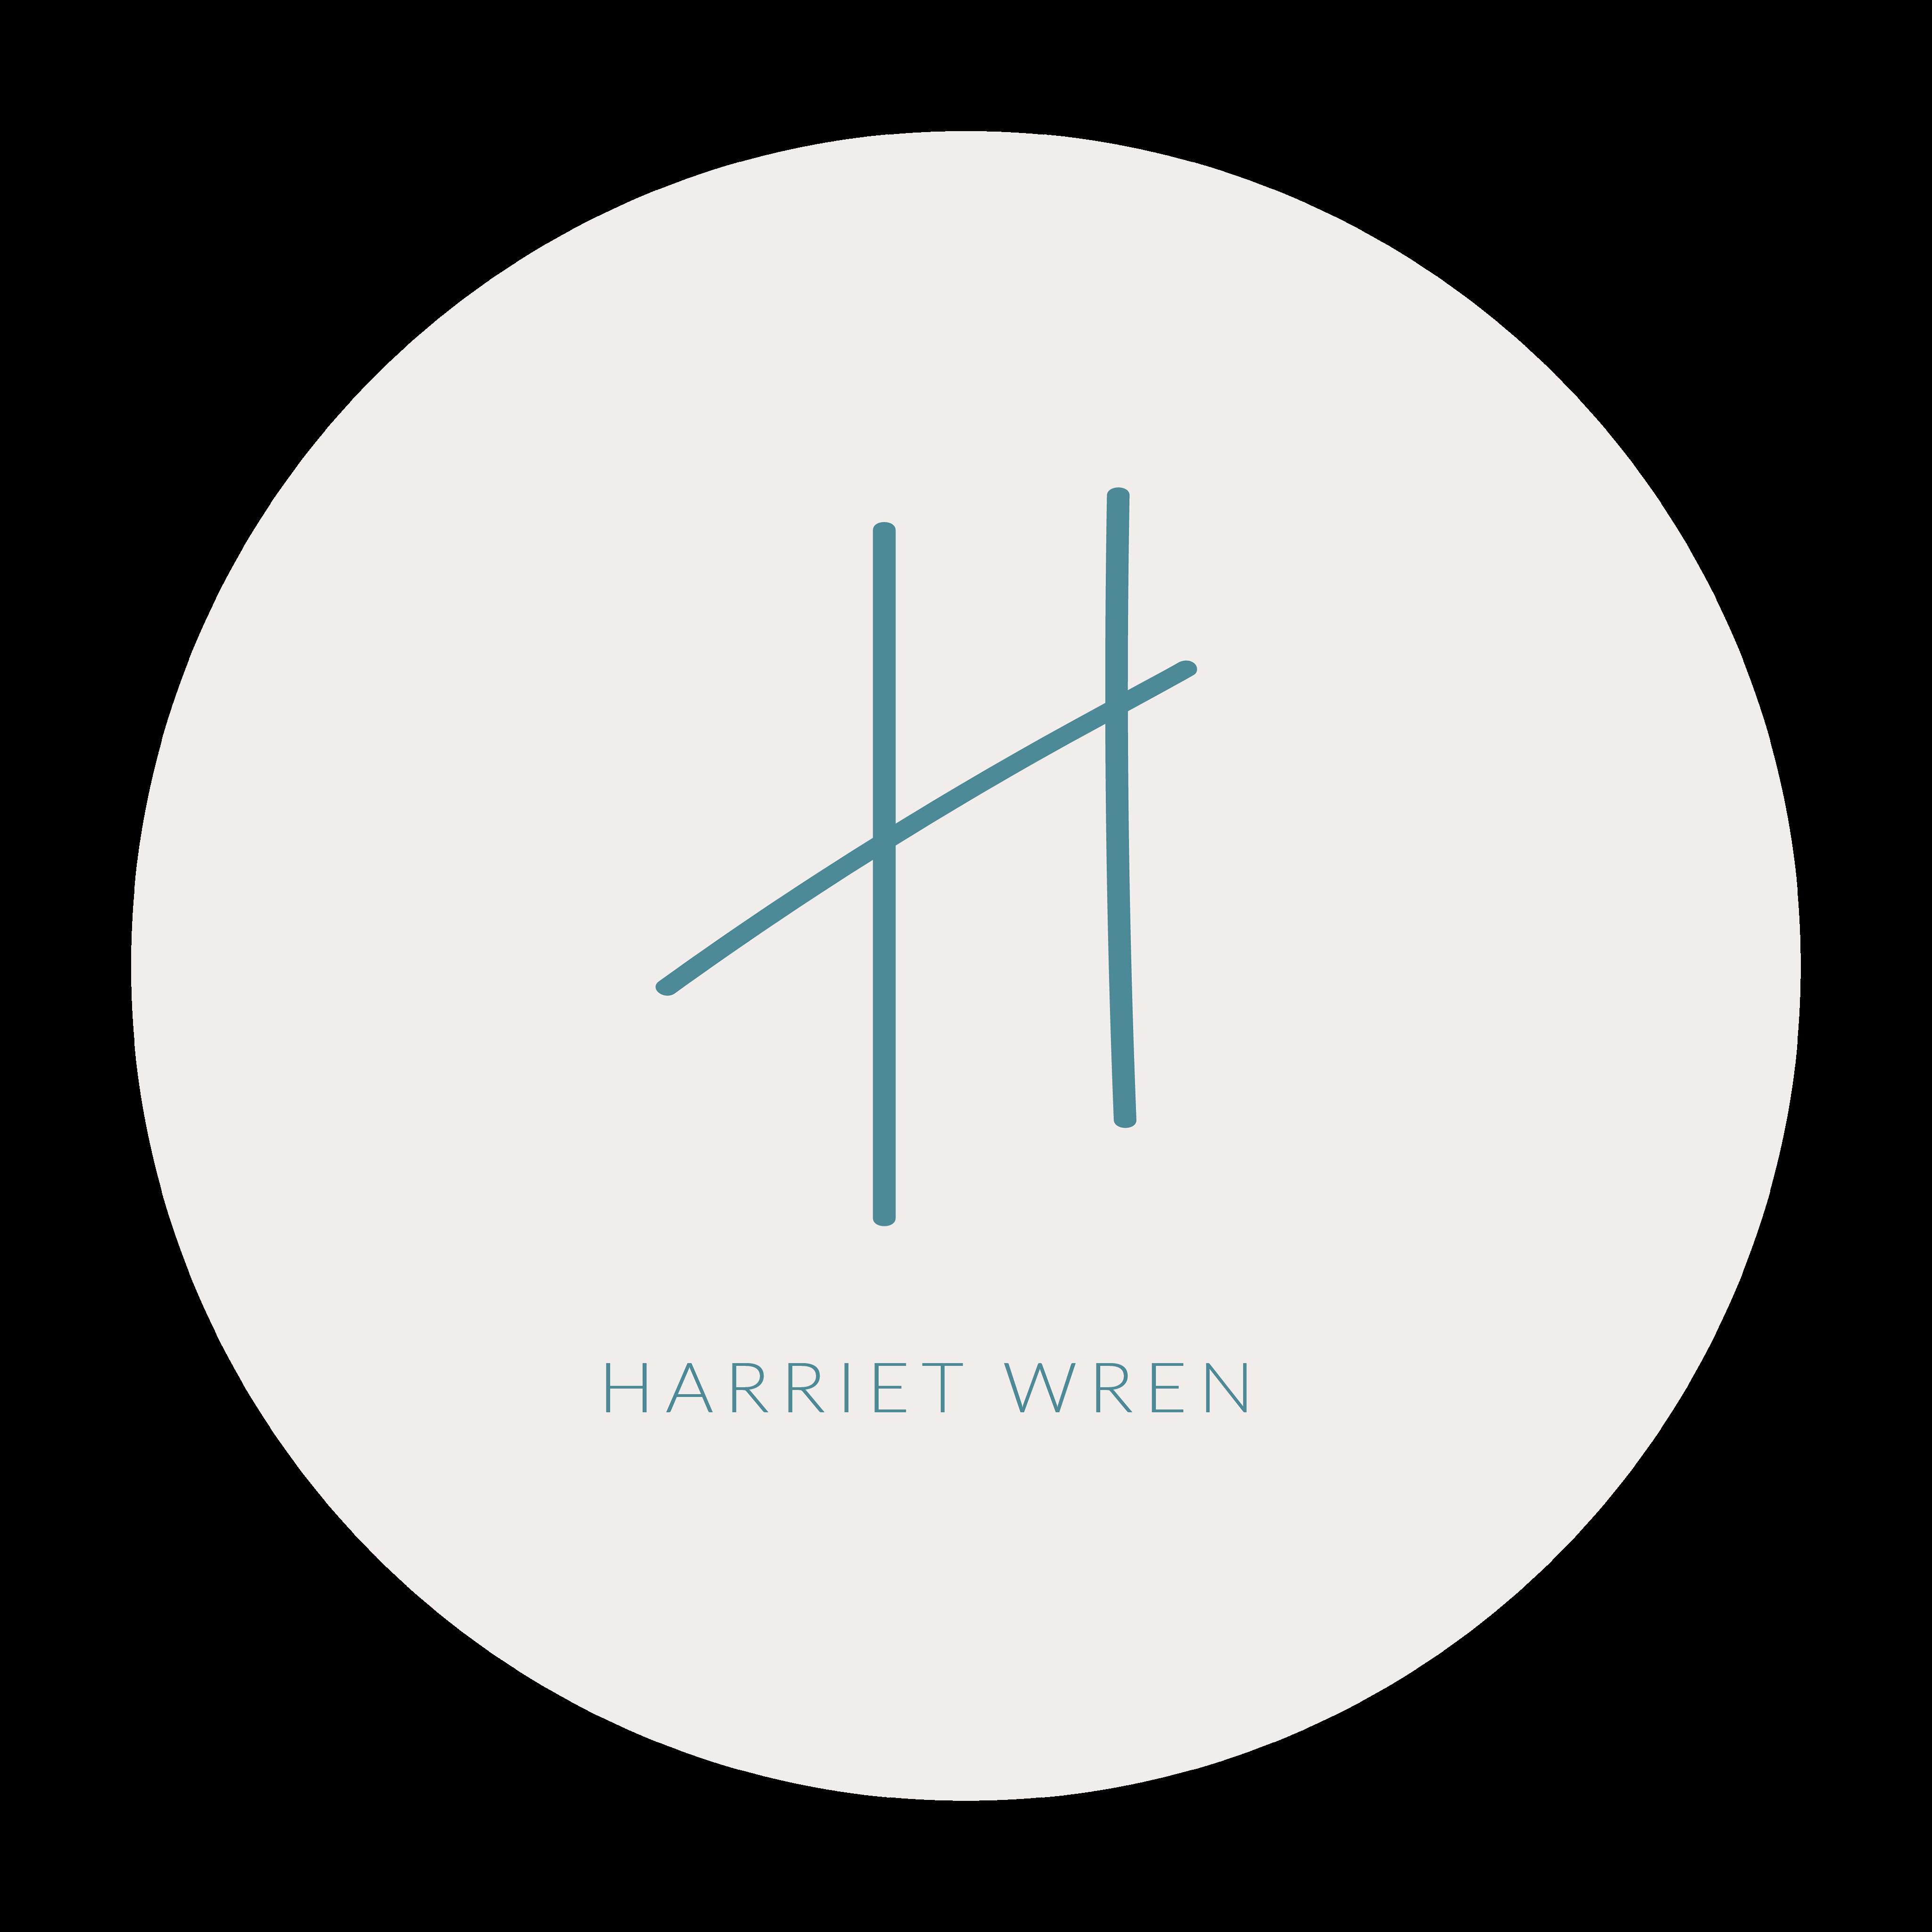 Harri wren